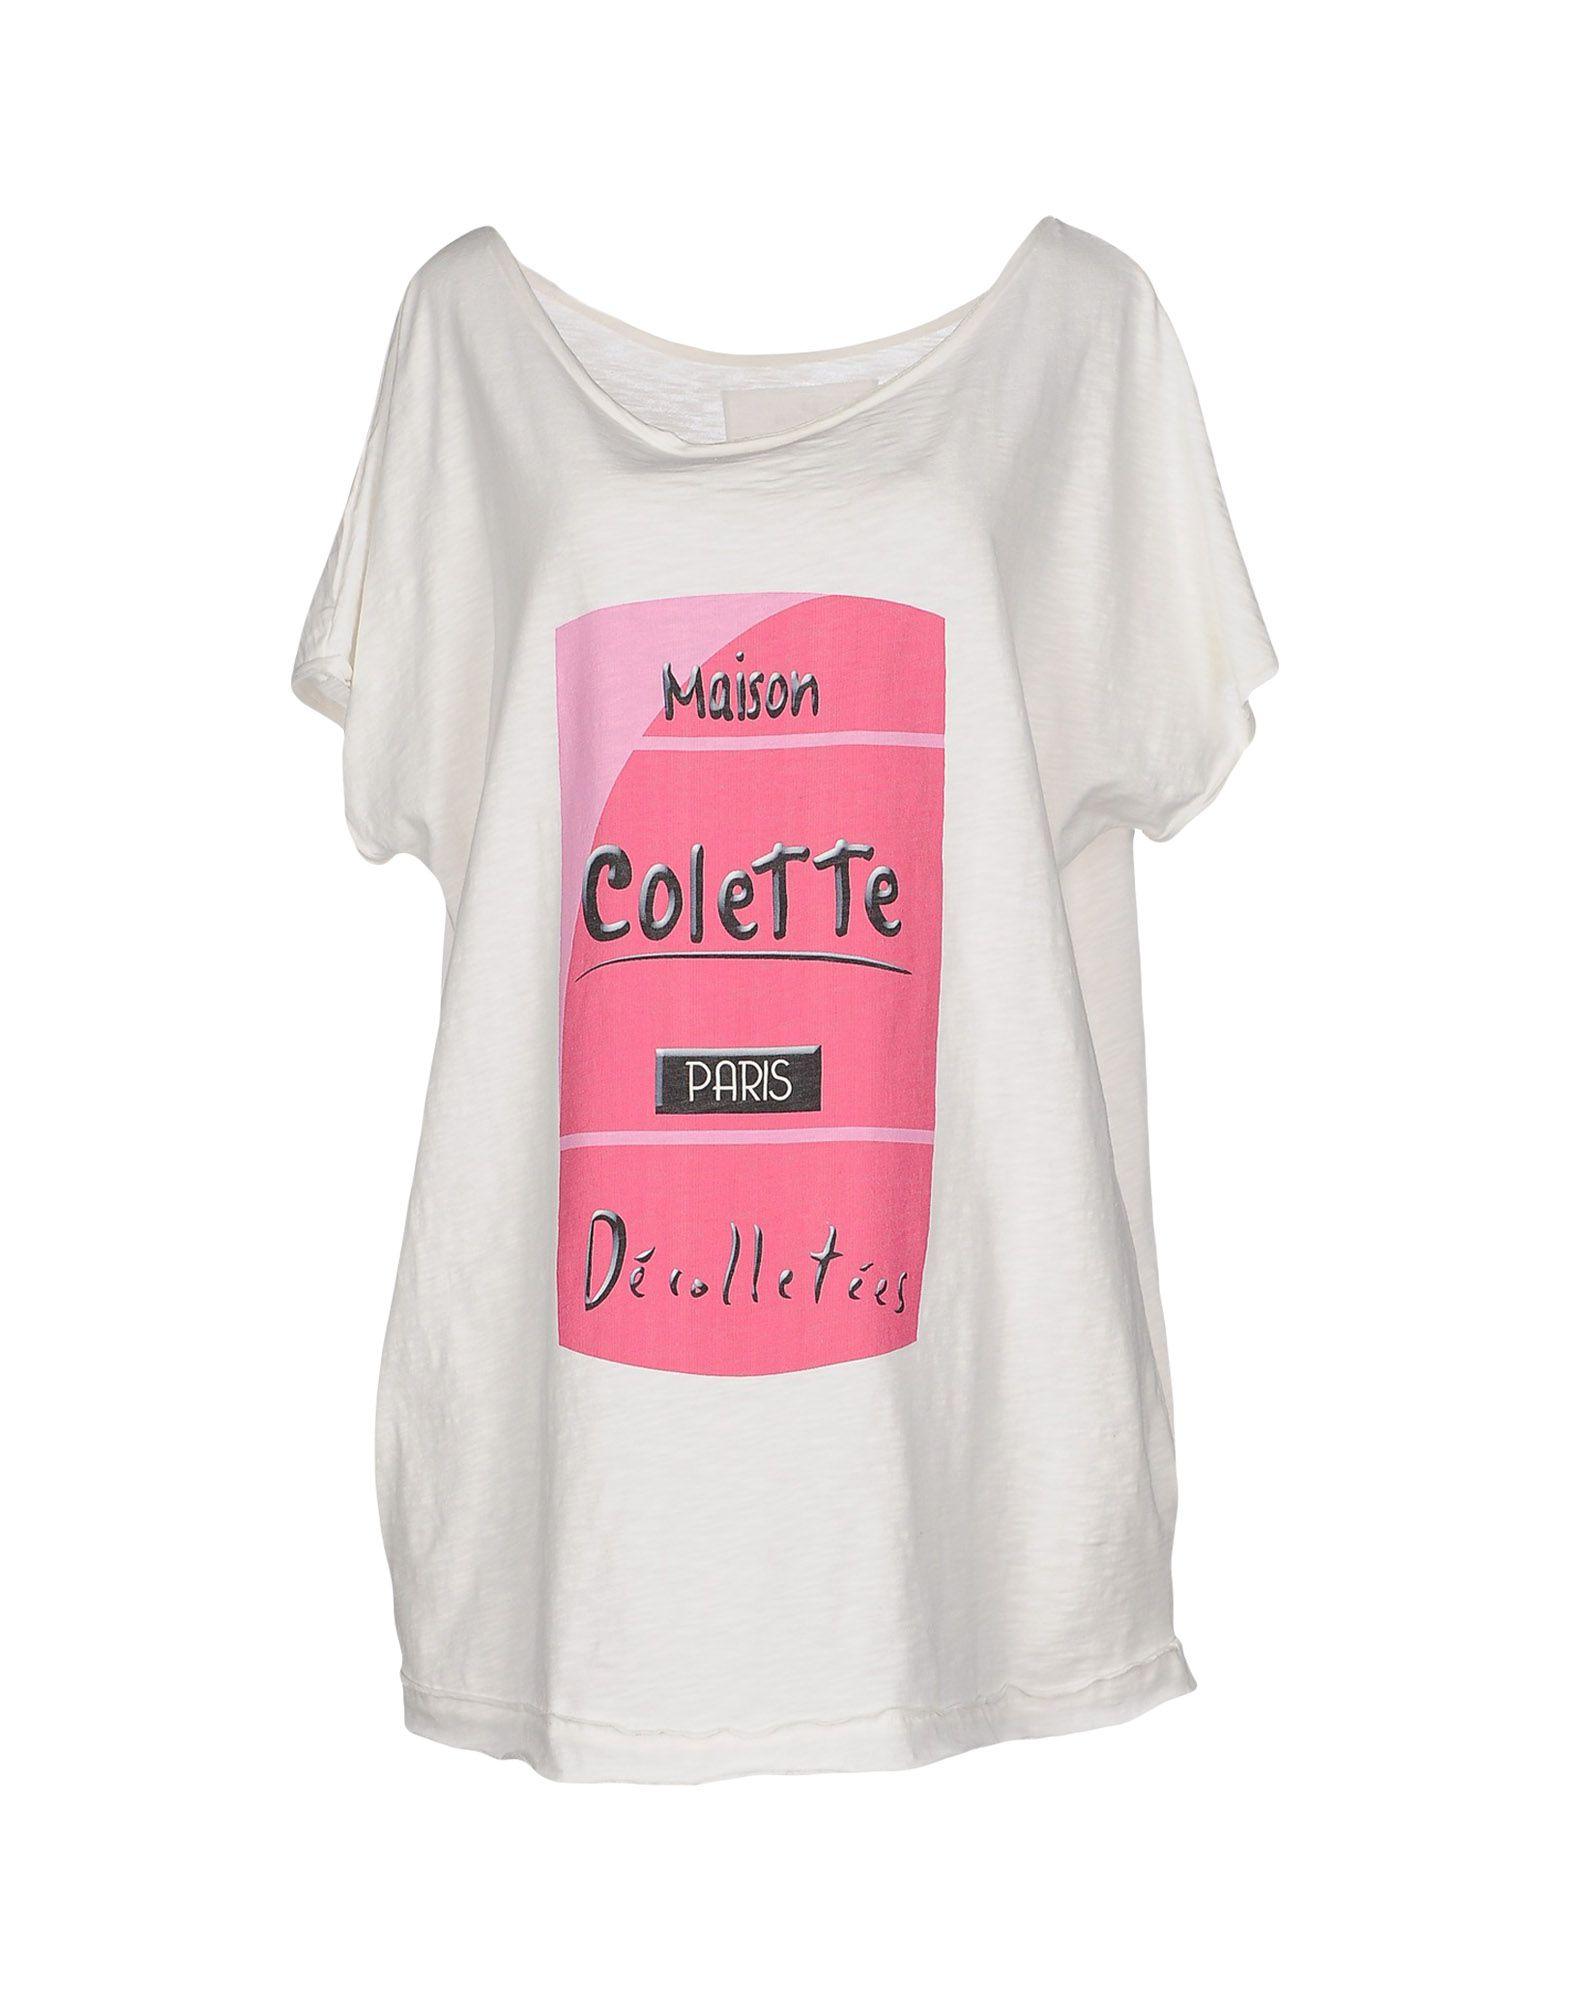 MAISON COLETTE T-shirts